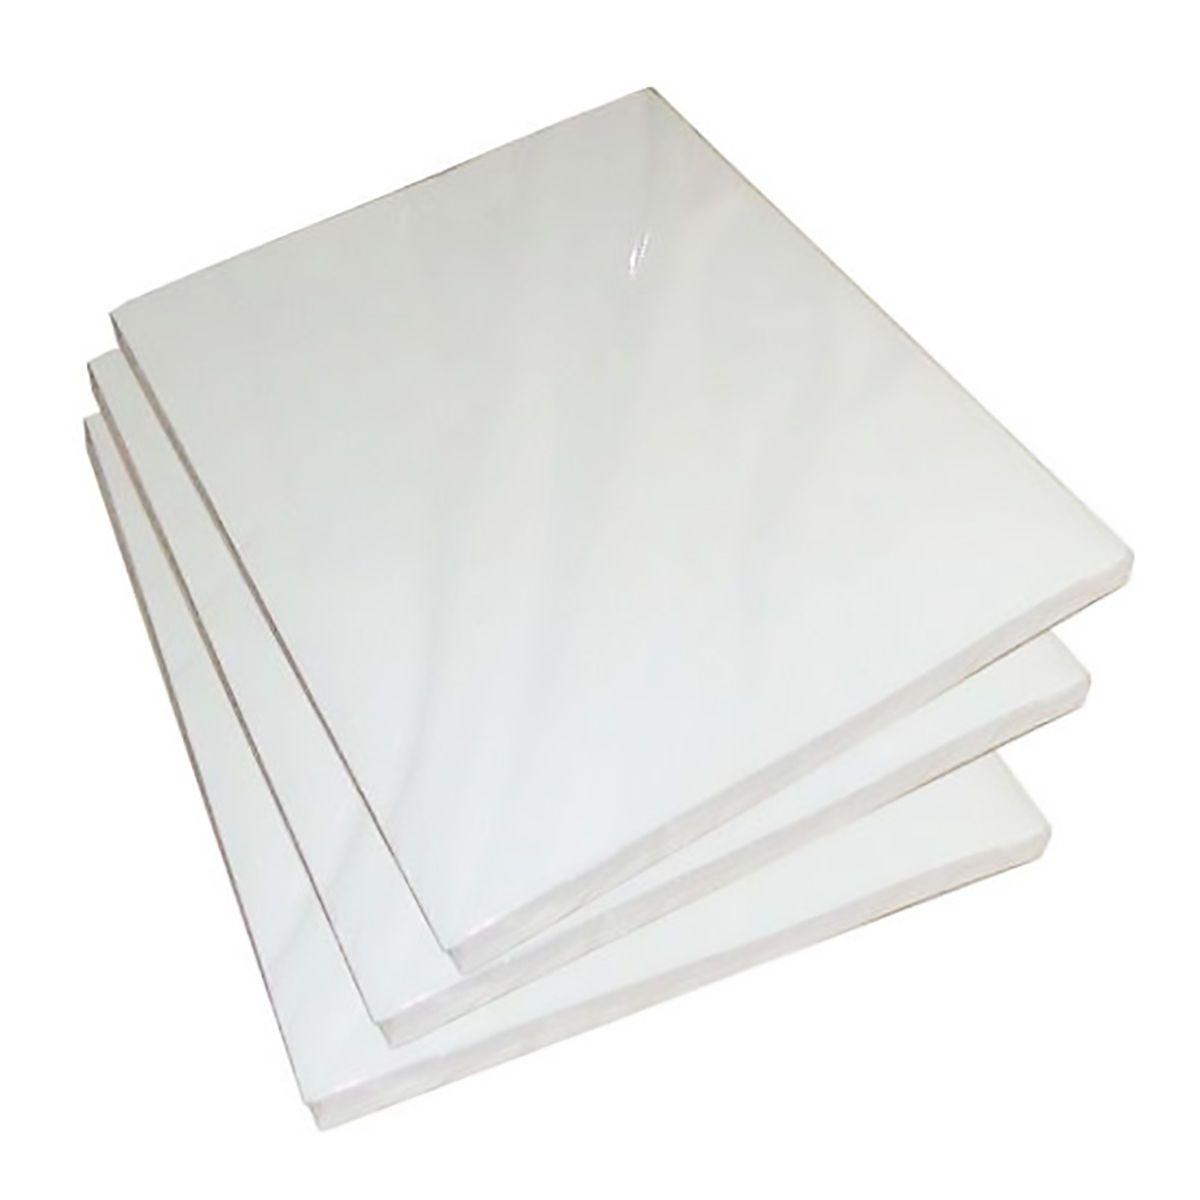 Papel Fotográfico 230g A4 Glossy Branco Brilhante Resistente à Água / 50 folhas